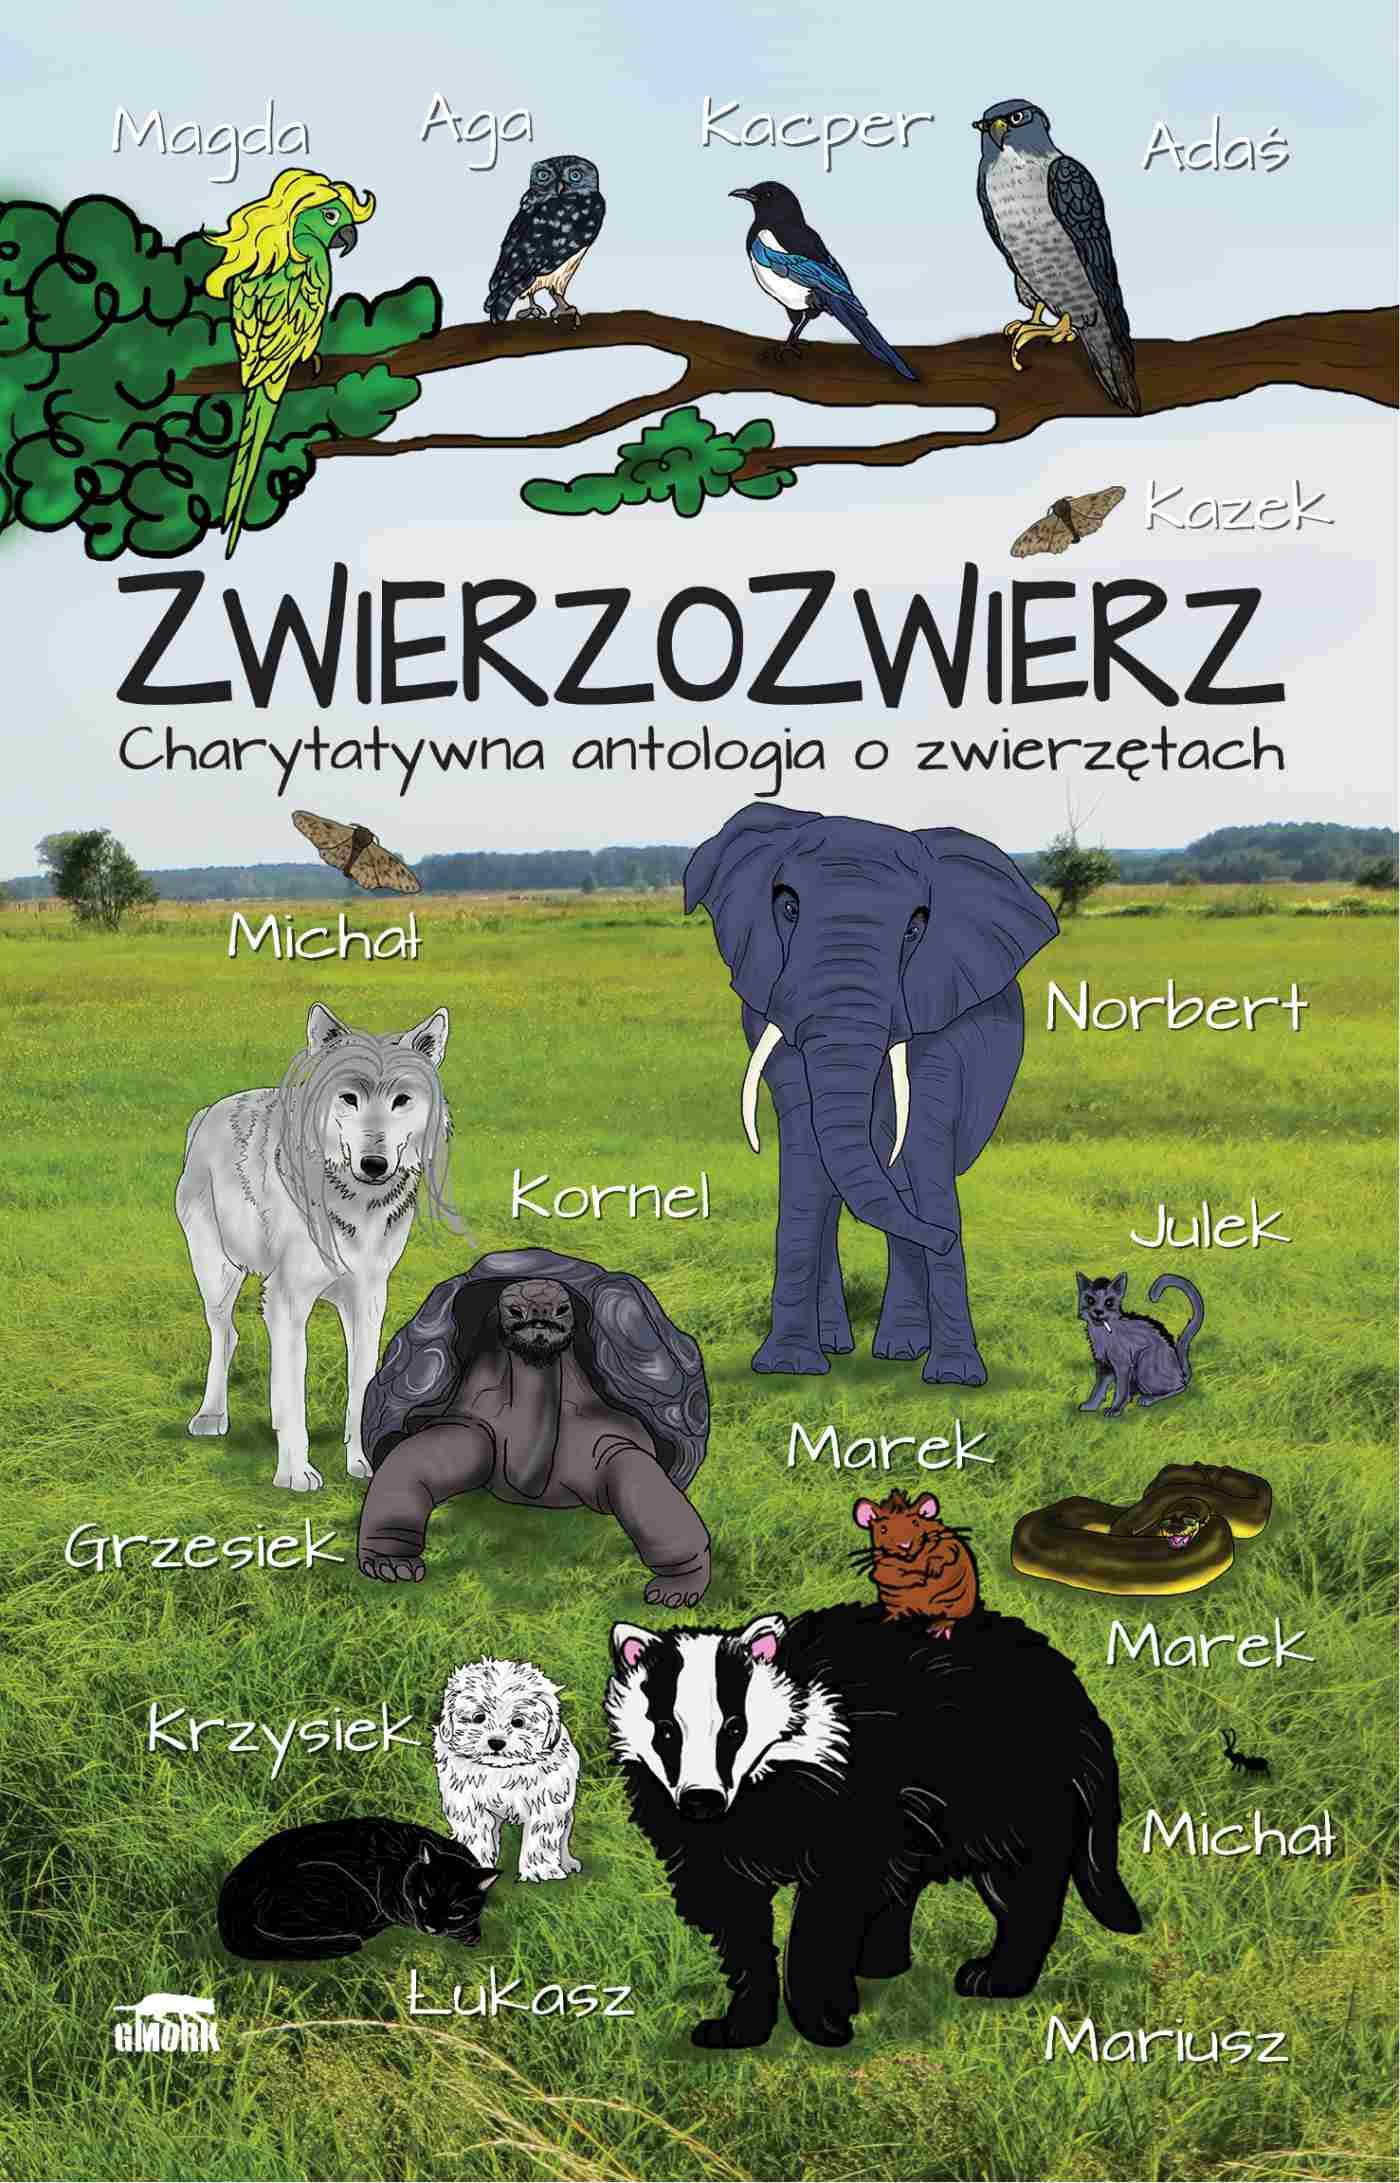 Zwierzozwierz. Charytatywna antologia o zwierzętach - Ebook (Książka PDF) do pobrania w formacie PDF